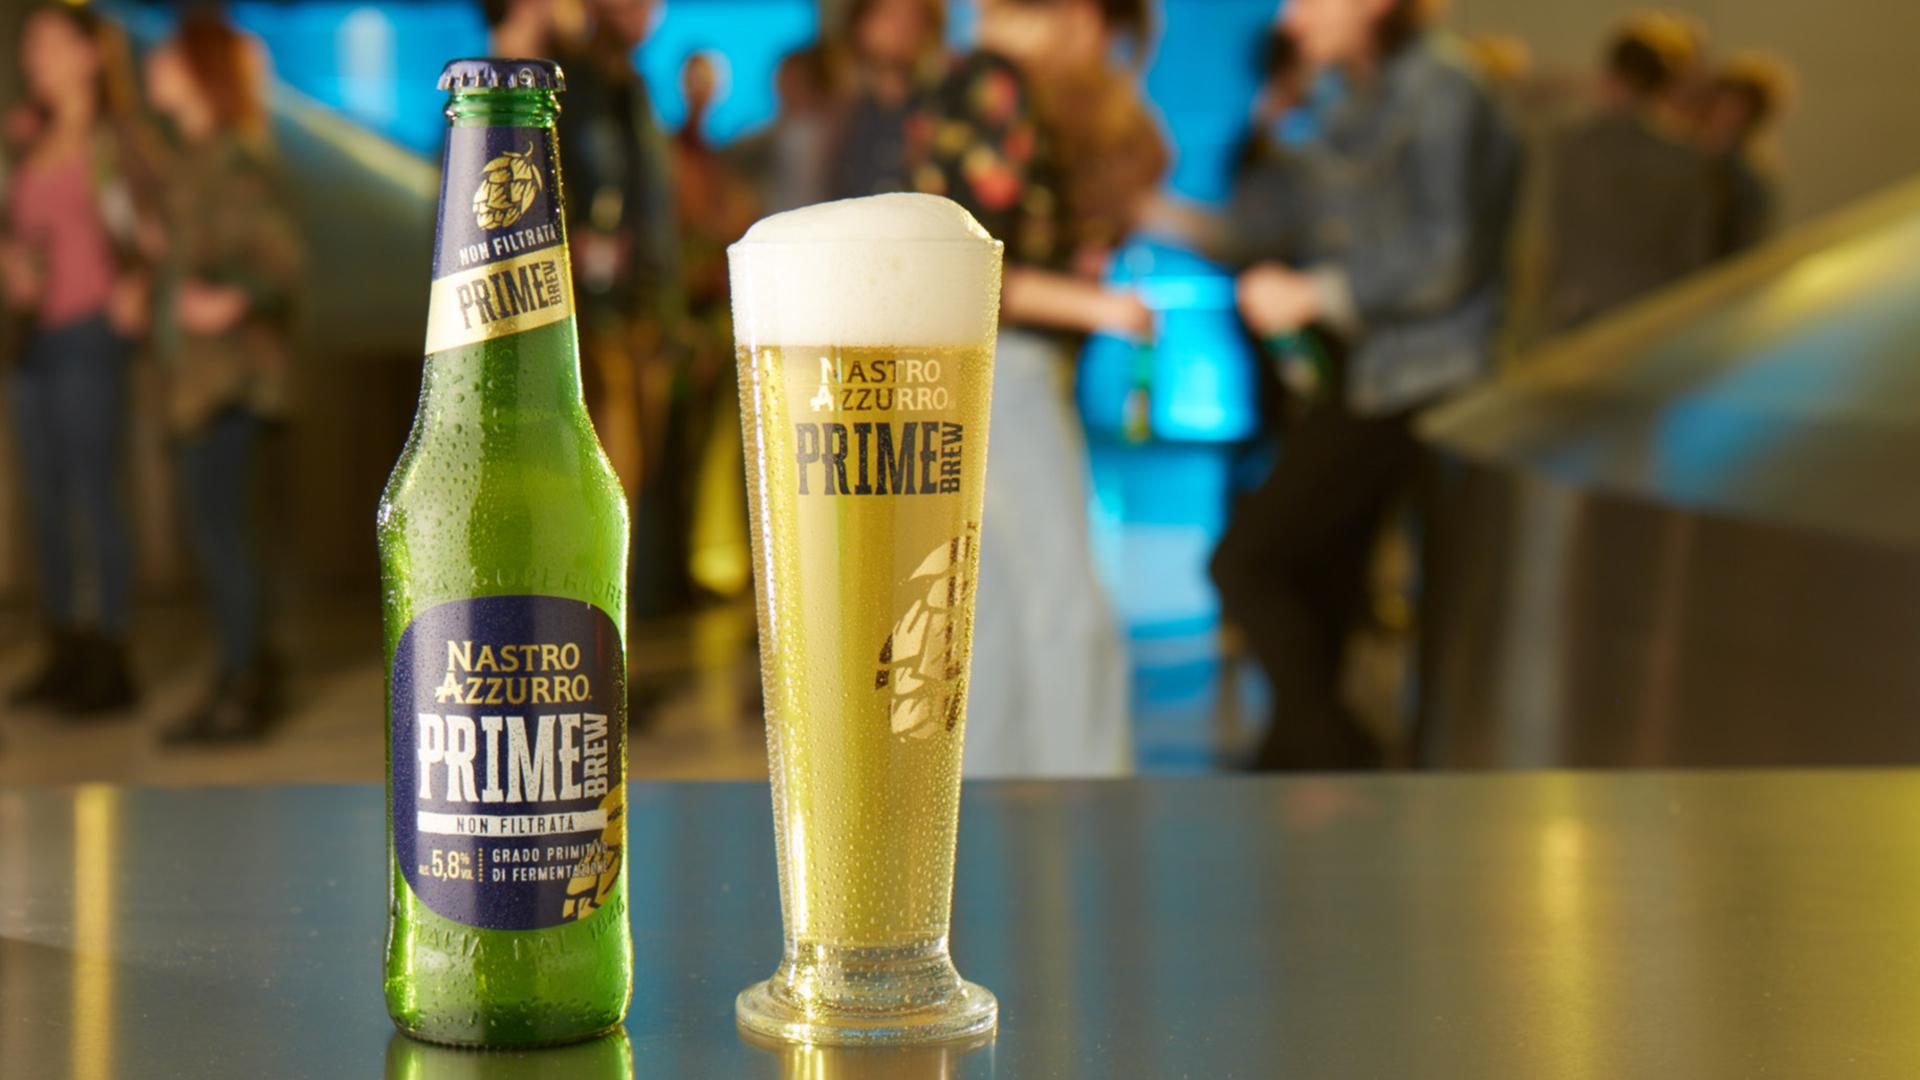 Nastro Azzurro lancia la nuova Prime Brew